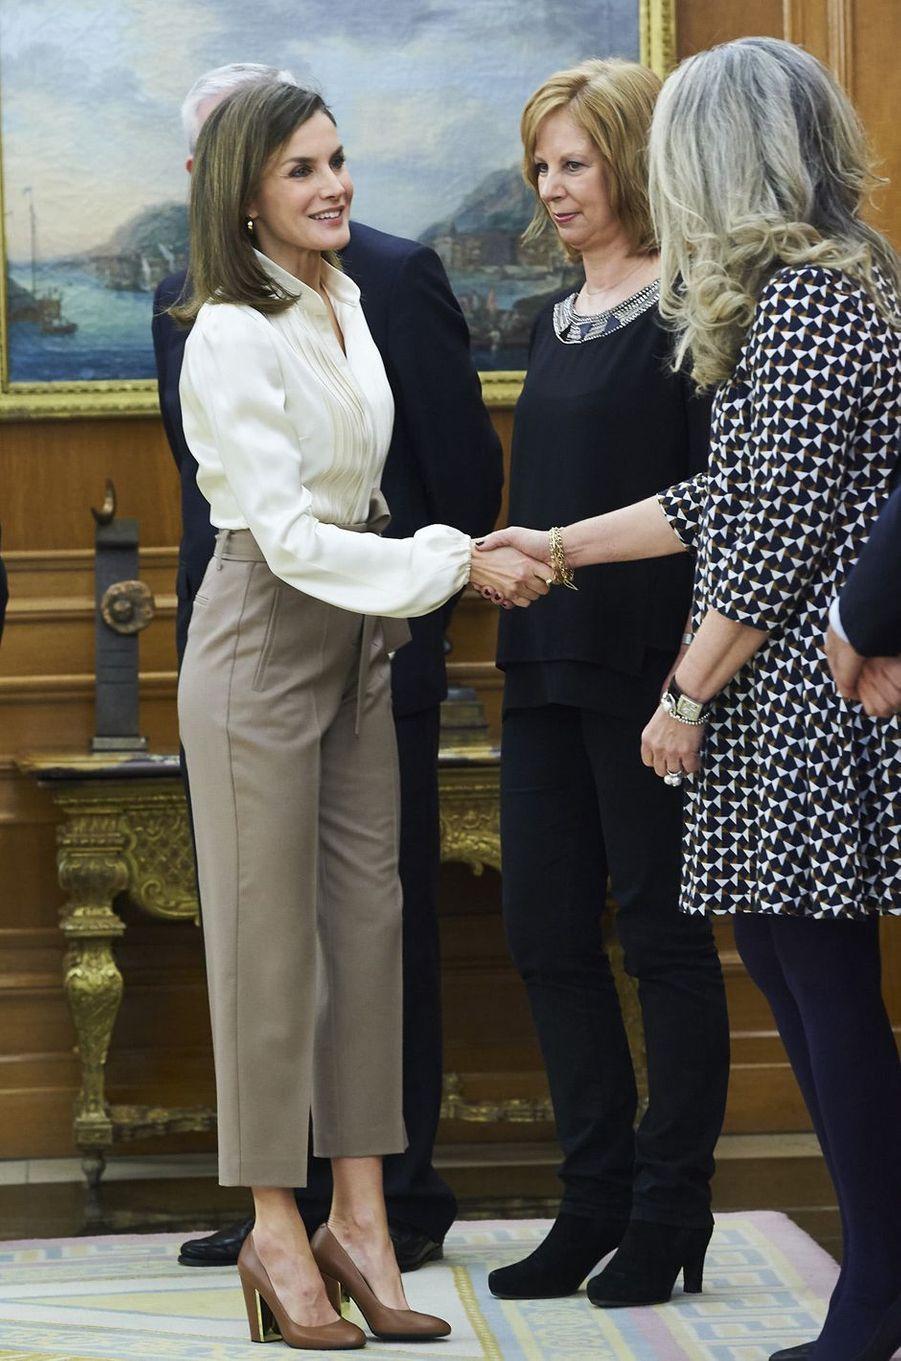 La reine Letizia d'Espagne au palais de la Zarzuela à Madrid, le 9 mars 2018